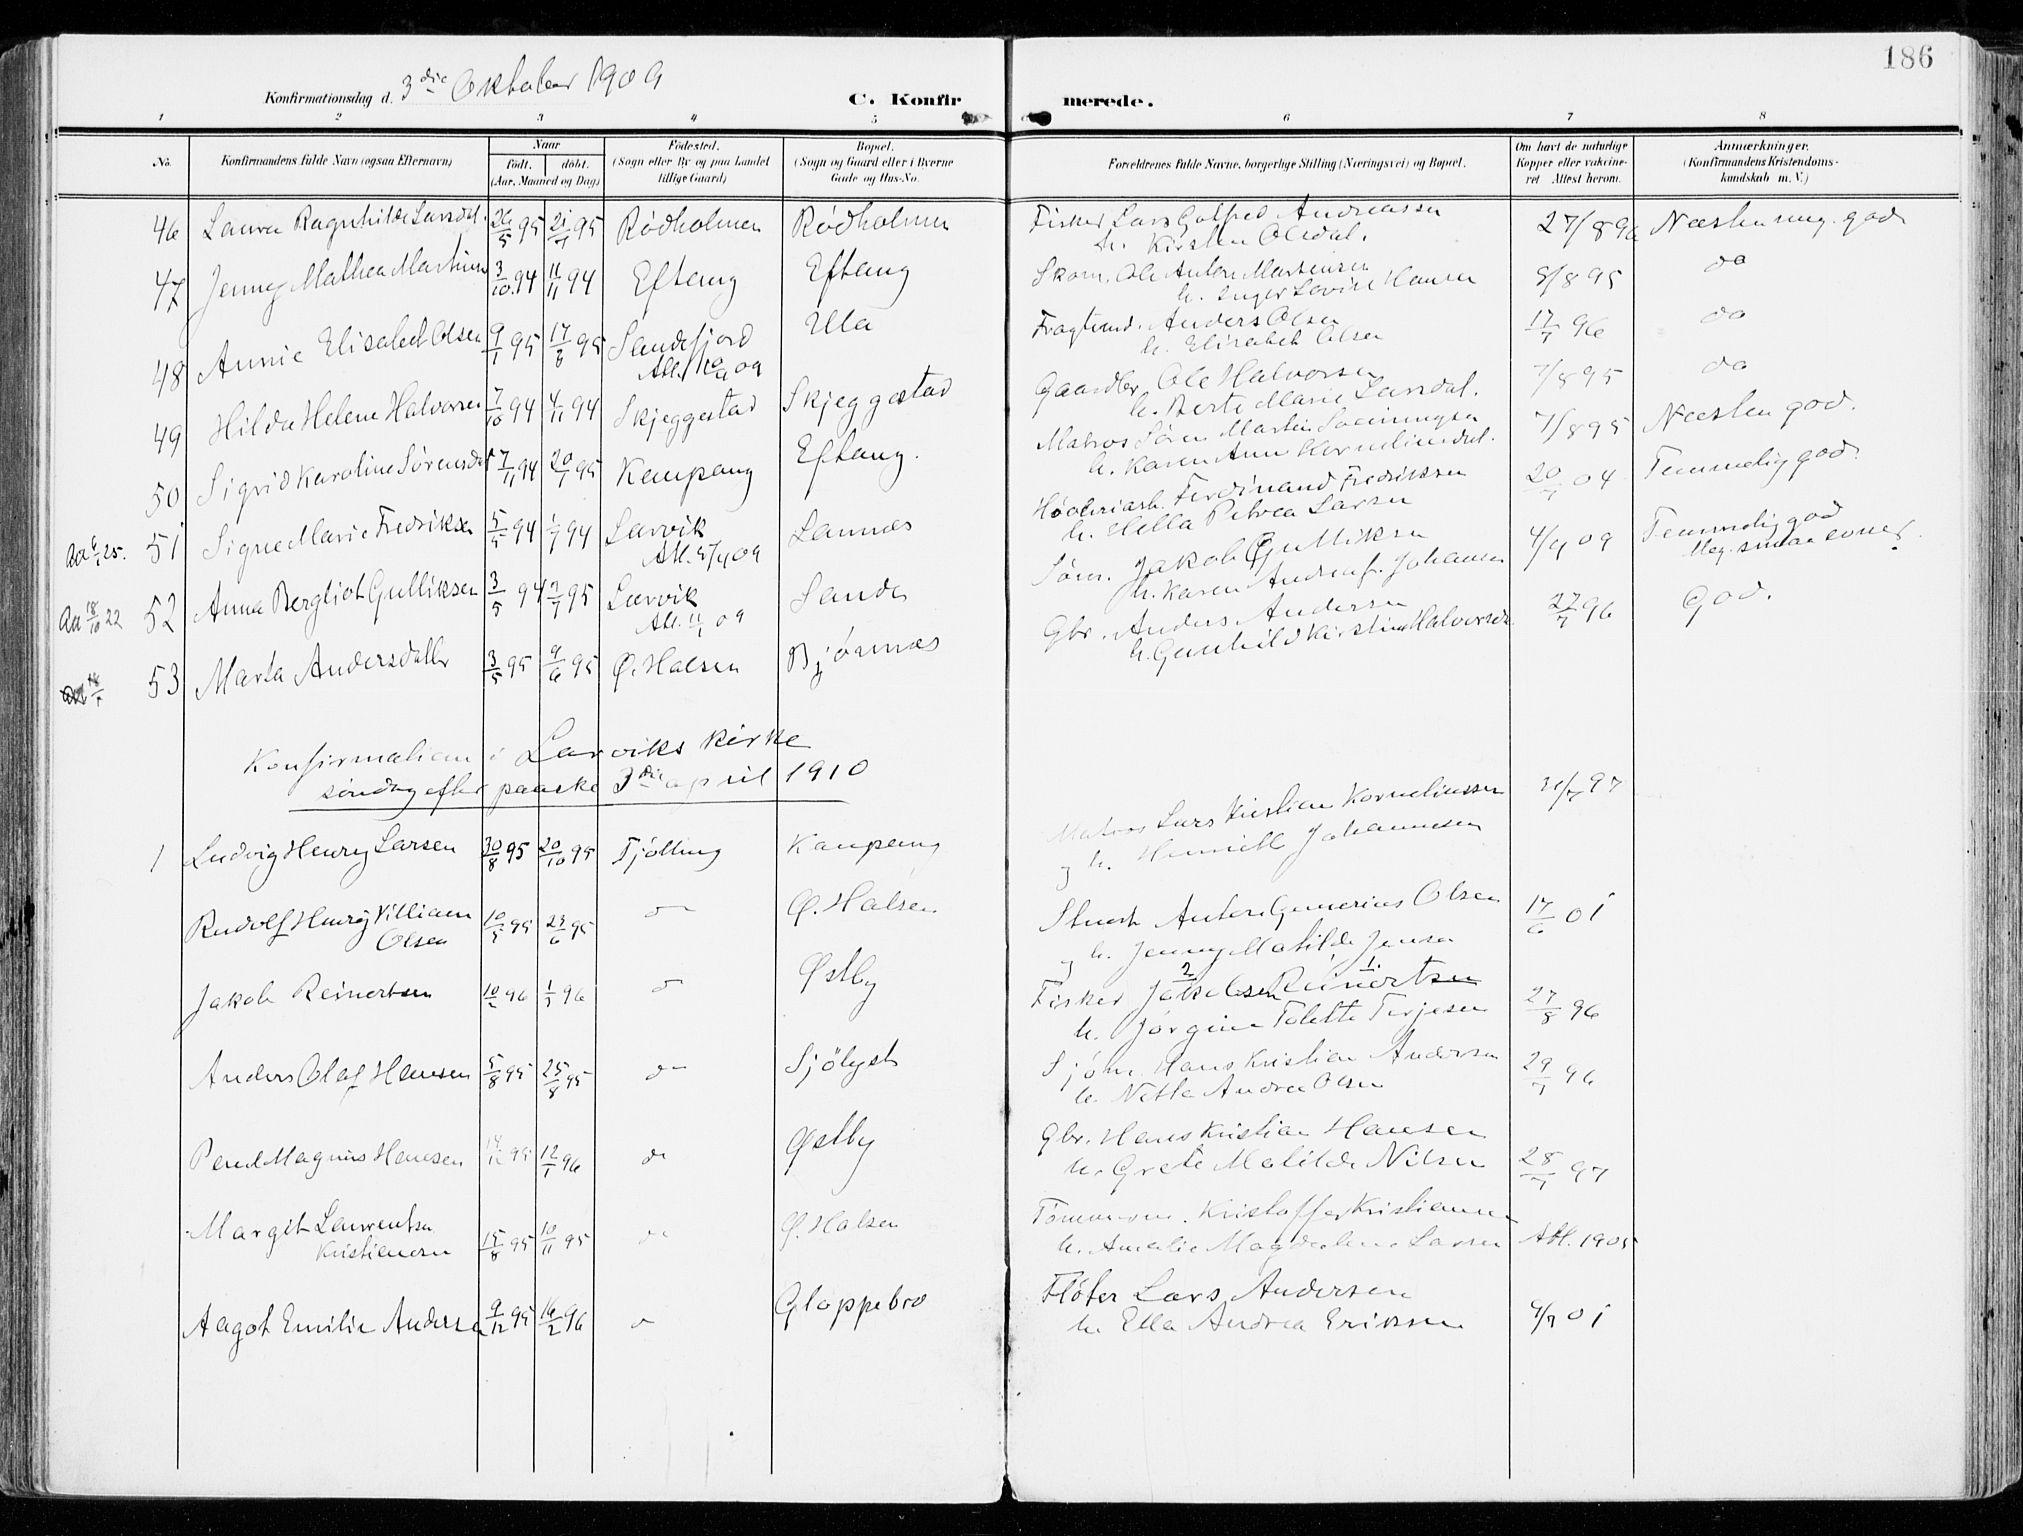 SAKO, Tjølling kirkebøker, F/Fa/L0010: Ministerialbok nr. 10, 1906-1923, s. 186